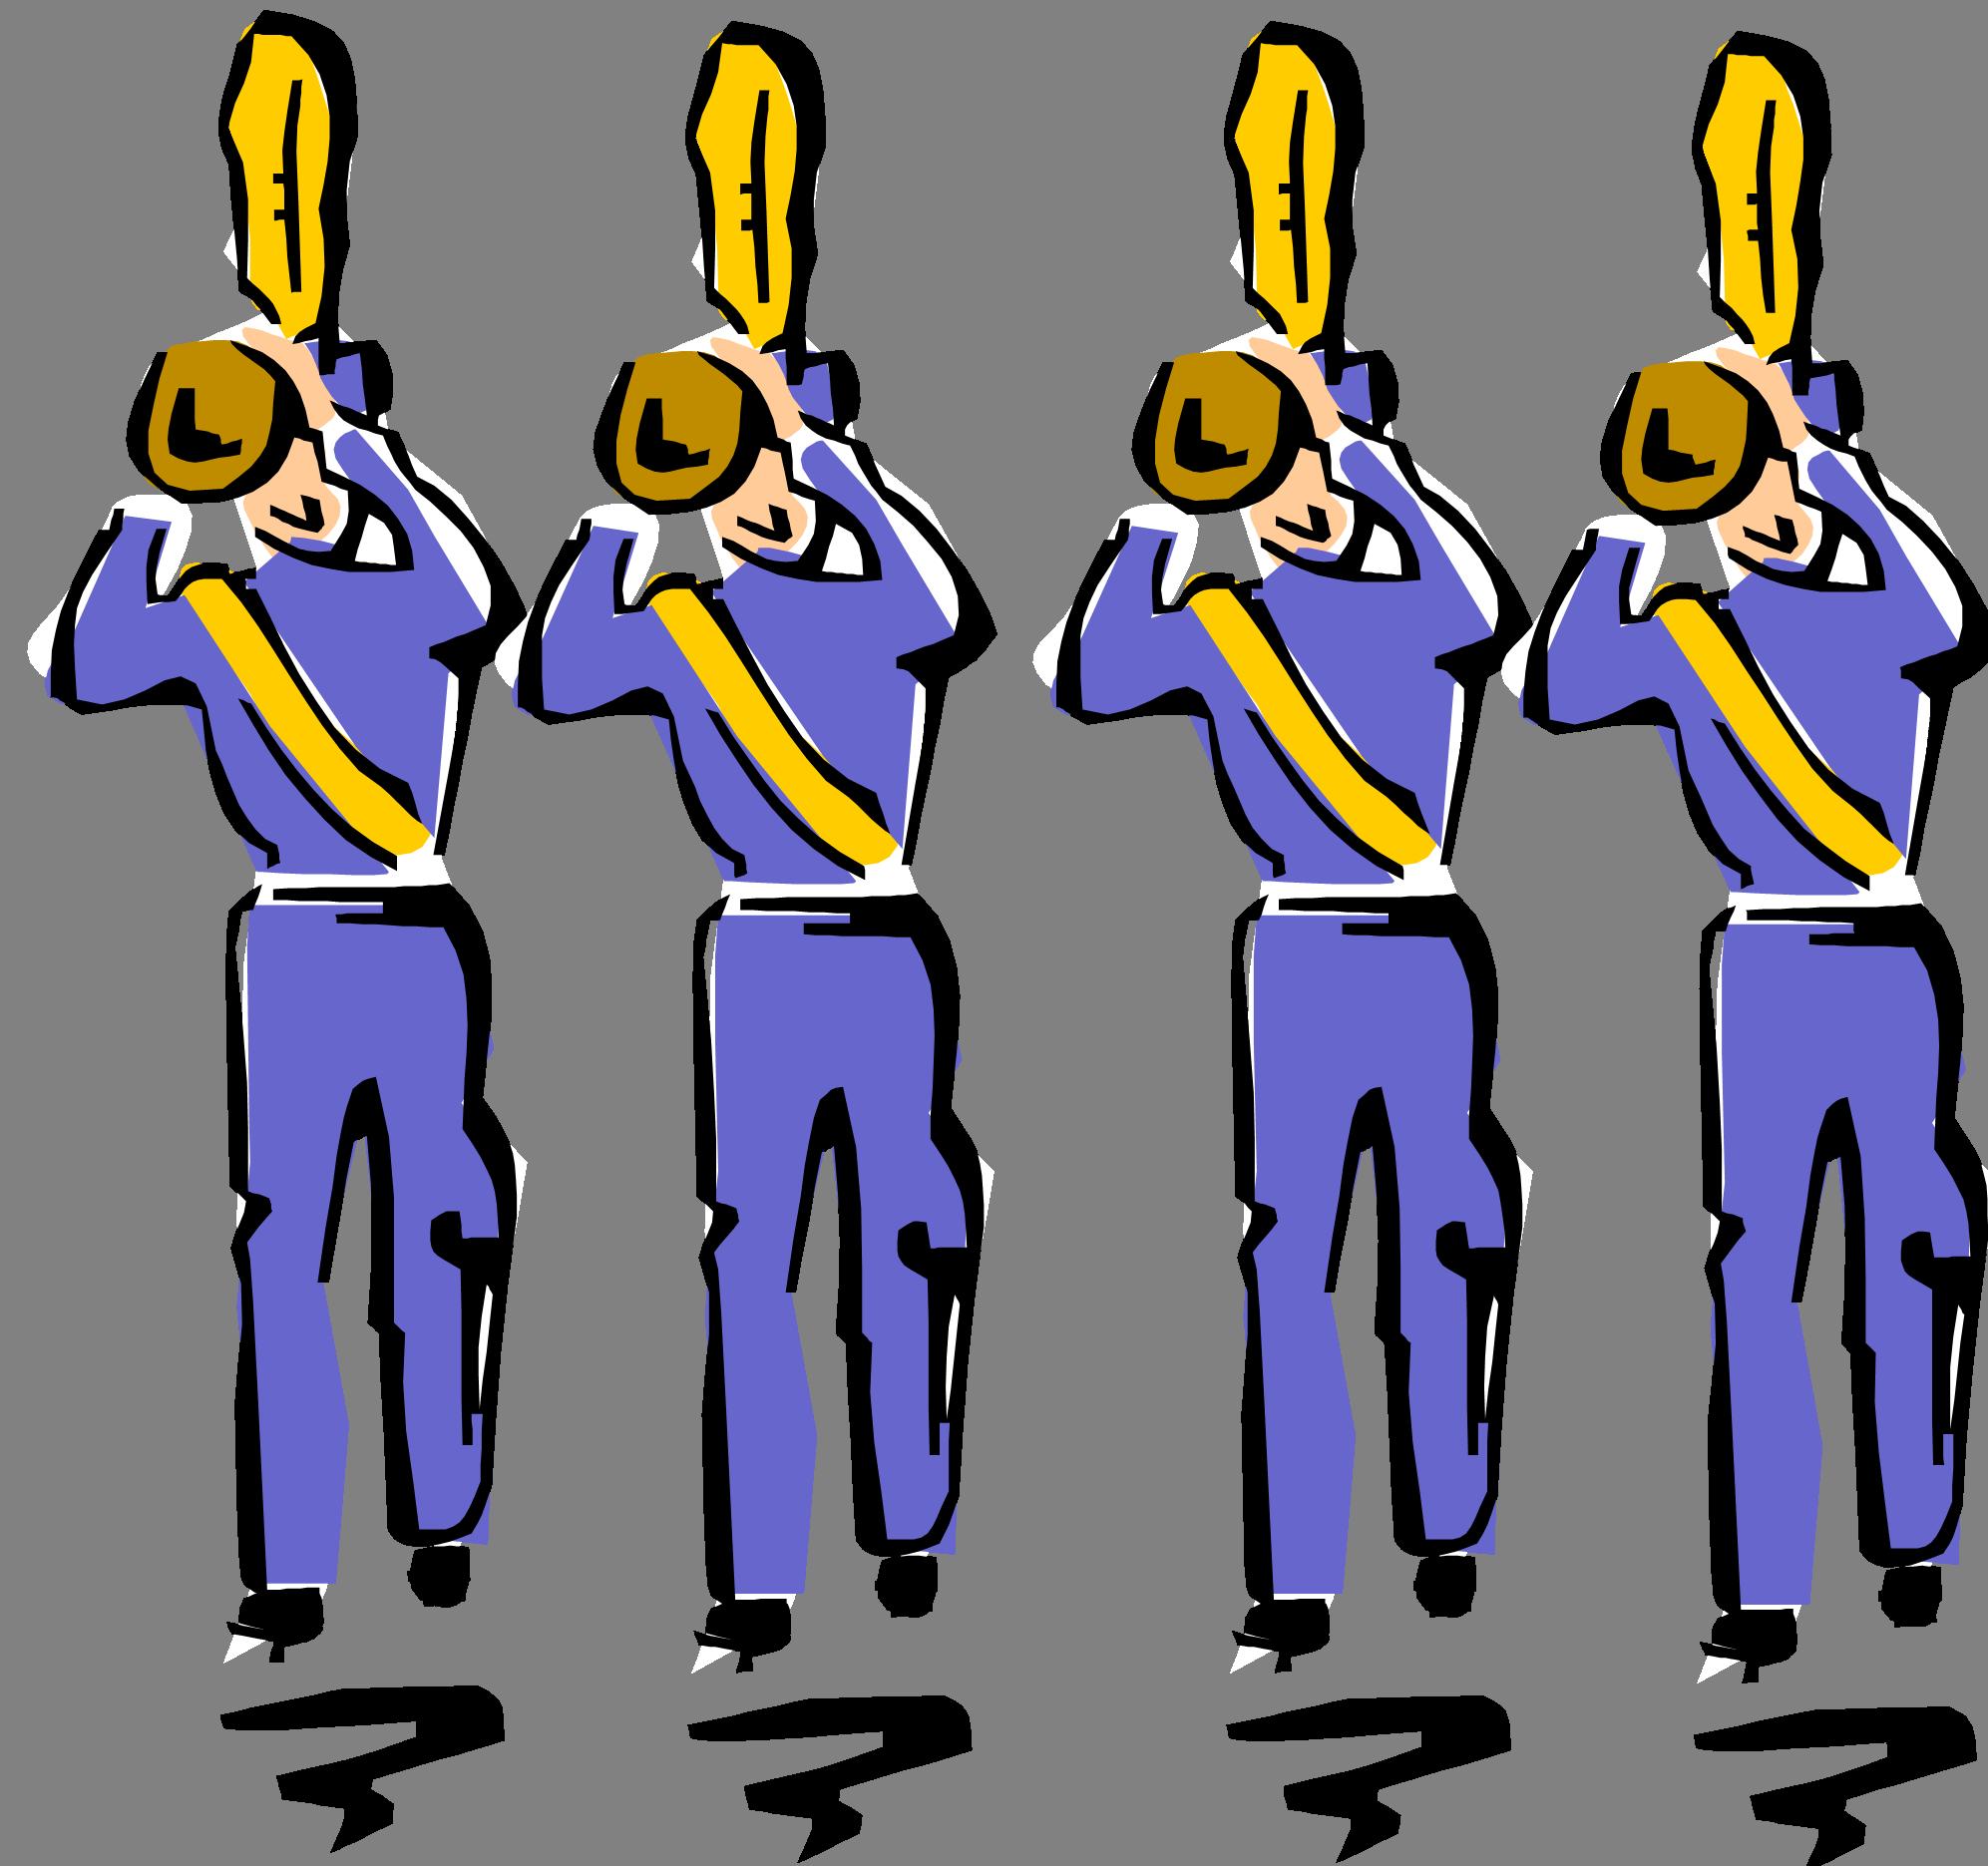 School band clip art clipart 4